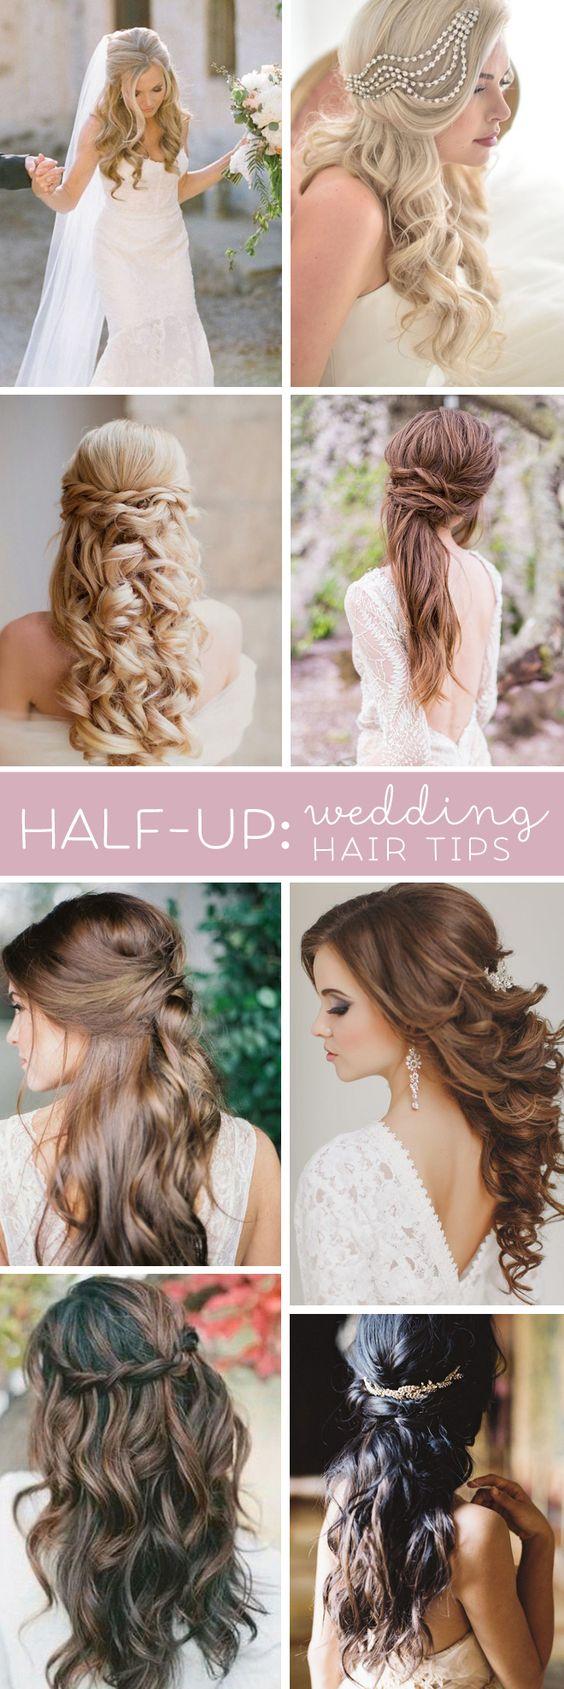 Wedding hair tips halfup halfdown styles weddings